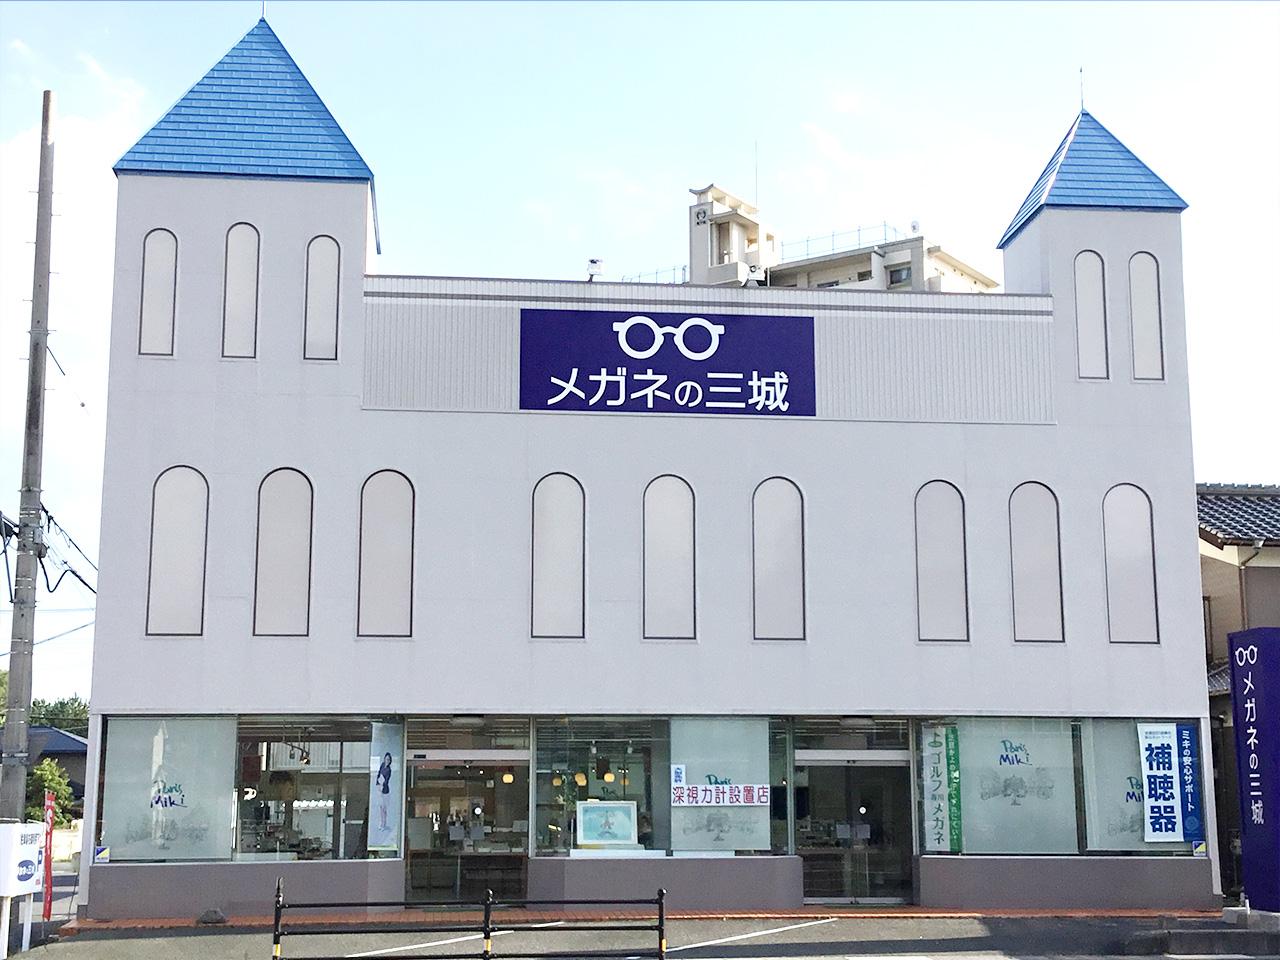 の 城 メガネ 三